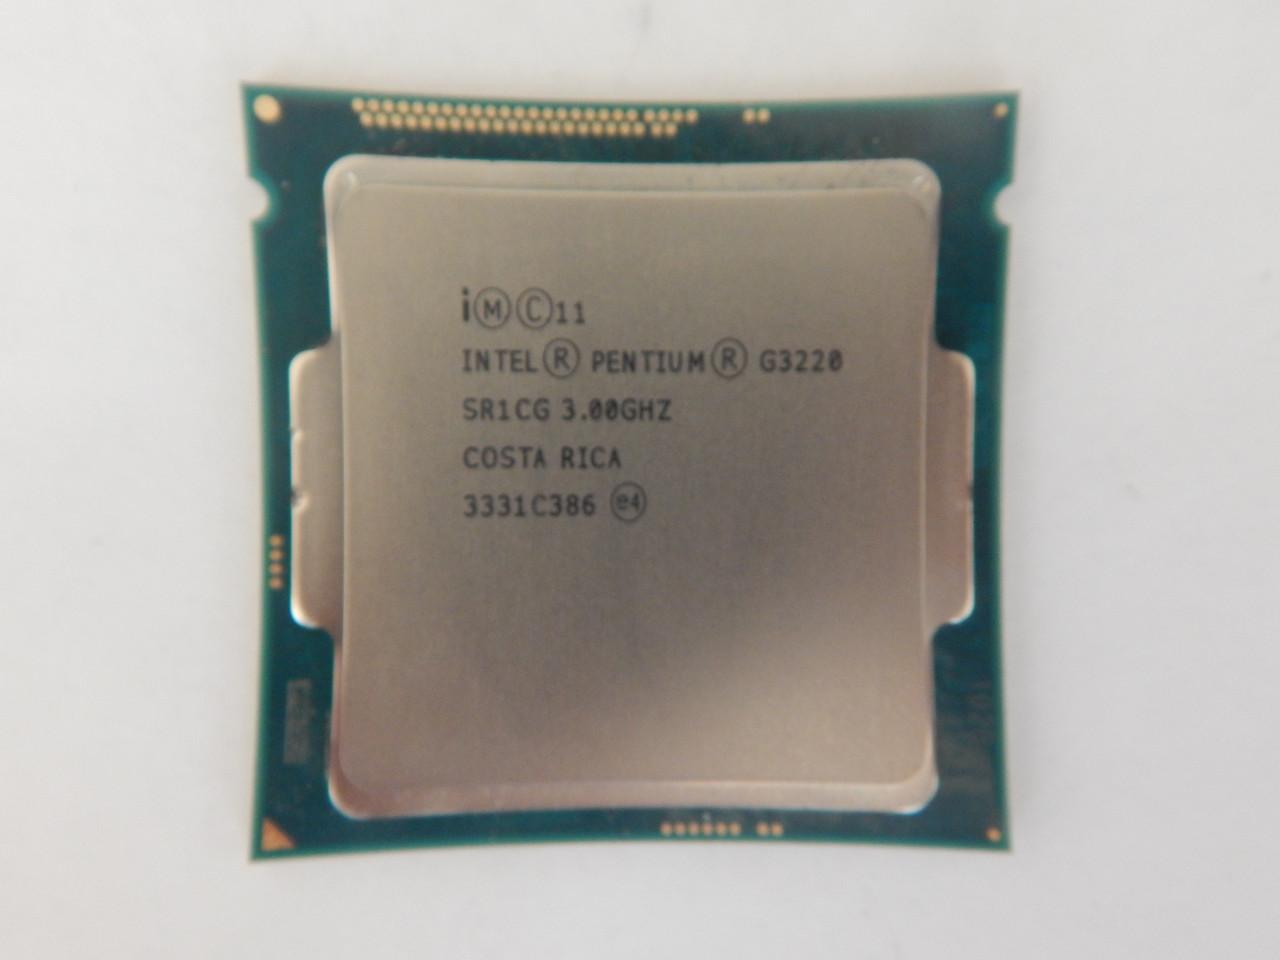 Процессор Intel G3220 сокет soket 1150 4-поколение